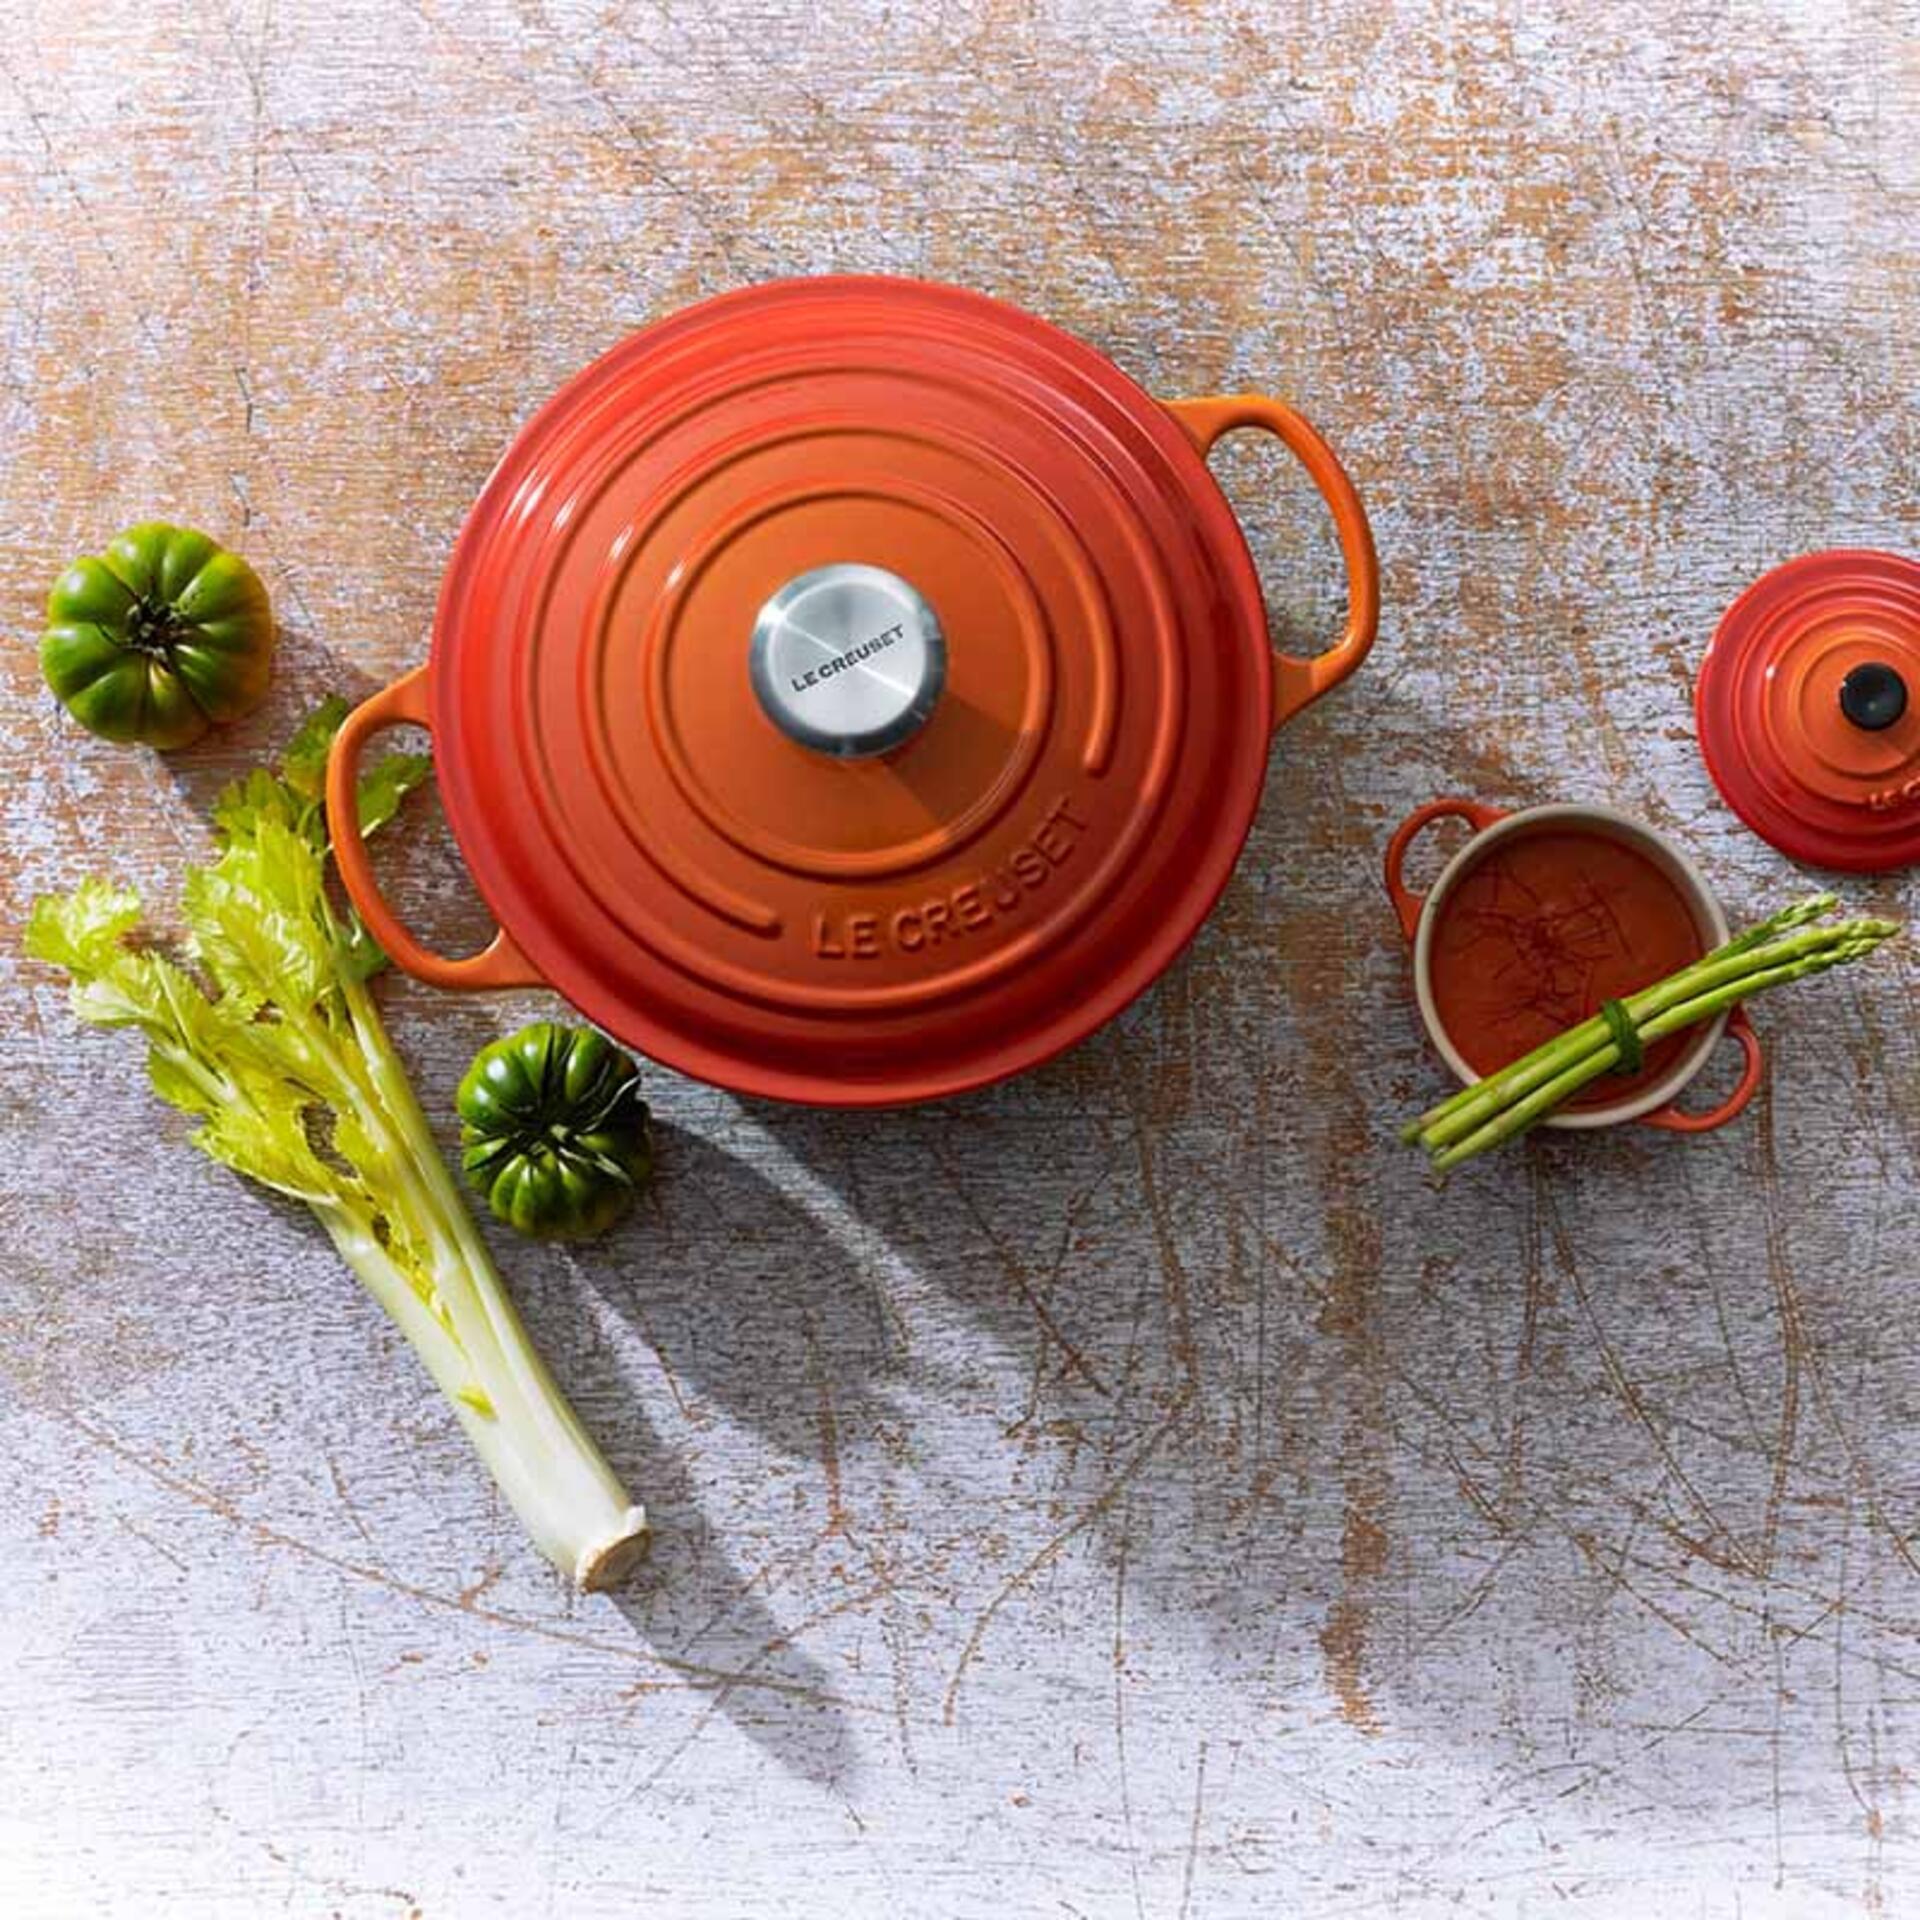 Le Creuset Gourmet-Bräter Signature 30 cm rund Schwarz 6,2 L